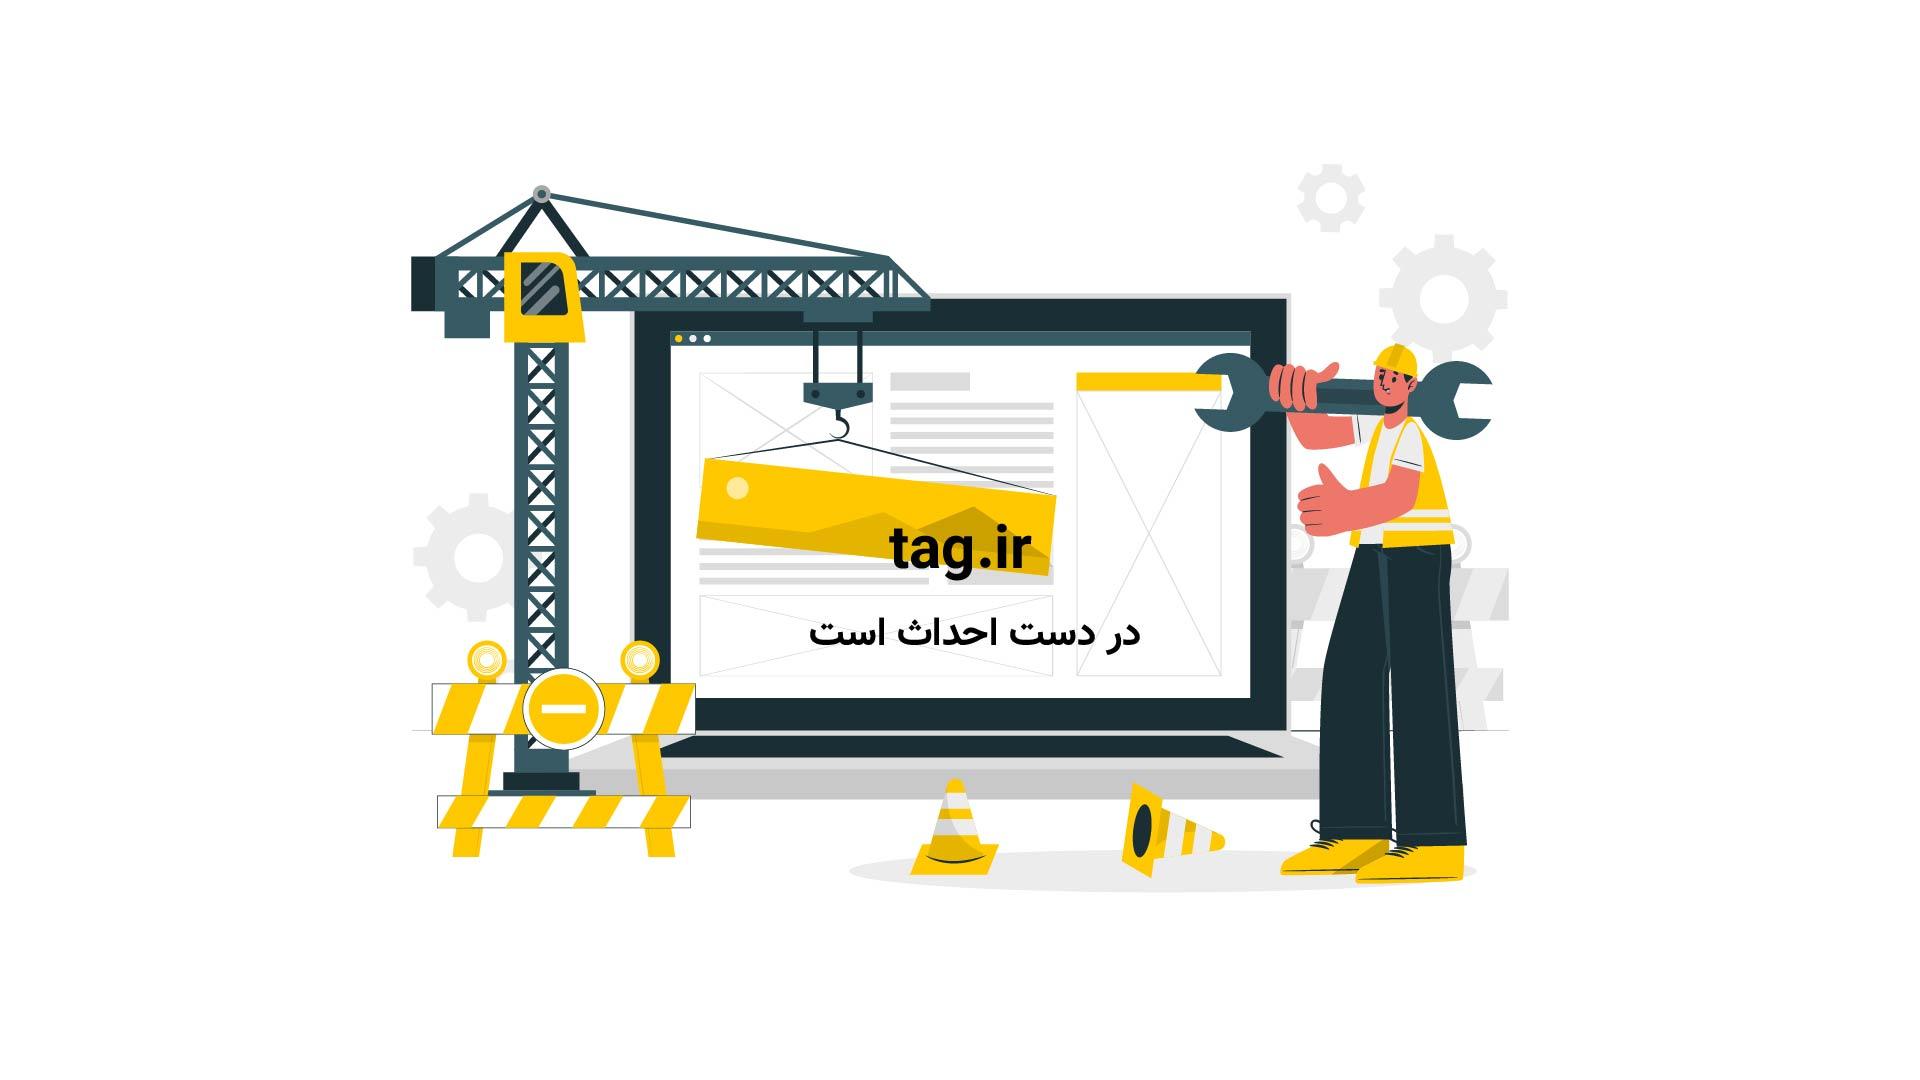 صفحه اول روزنامههای عمومی چهارشنبه ۳۰ خرداد | فیلم